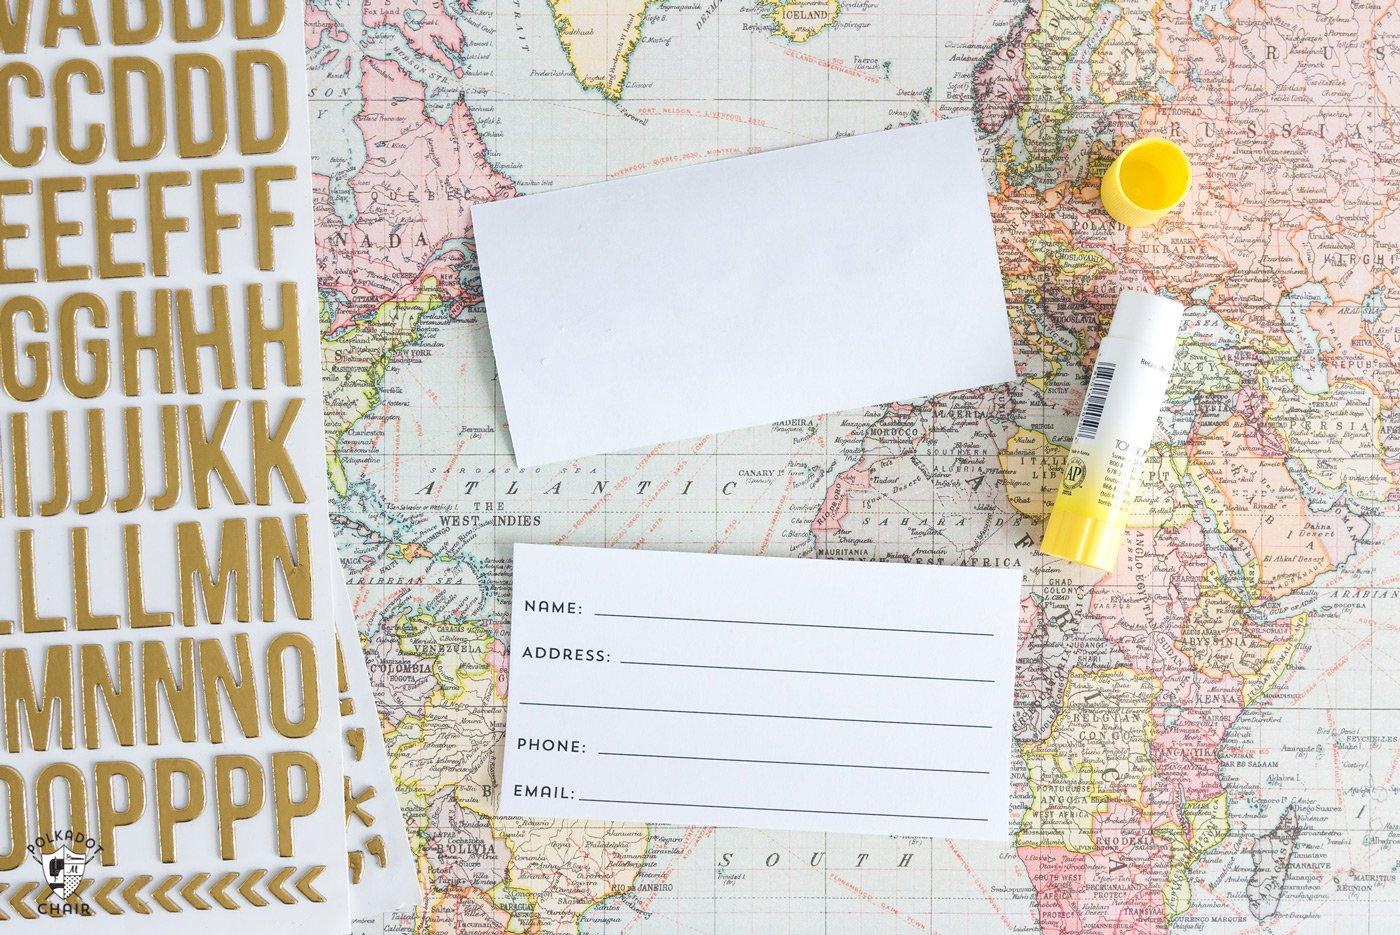 Free Printable Luggage Tags - The Polka Dot Chair - Free Printable Luggage Tags